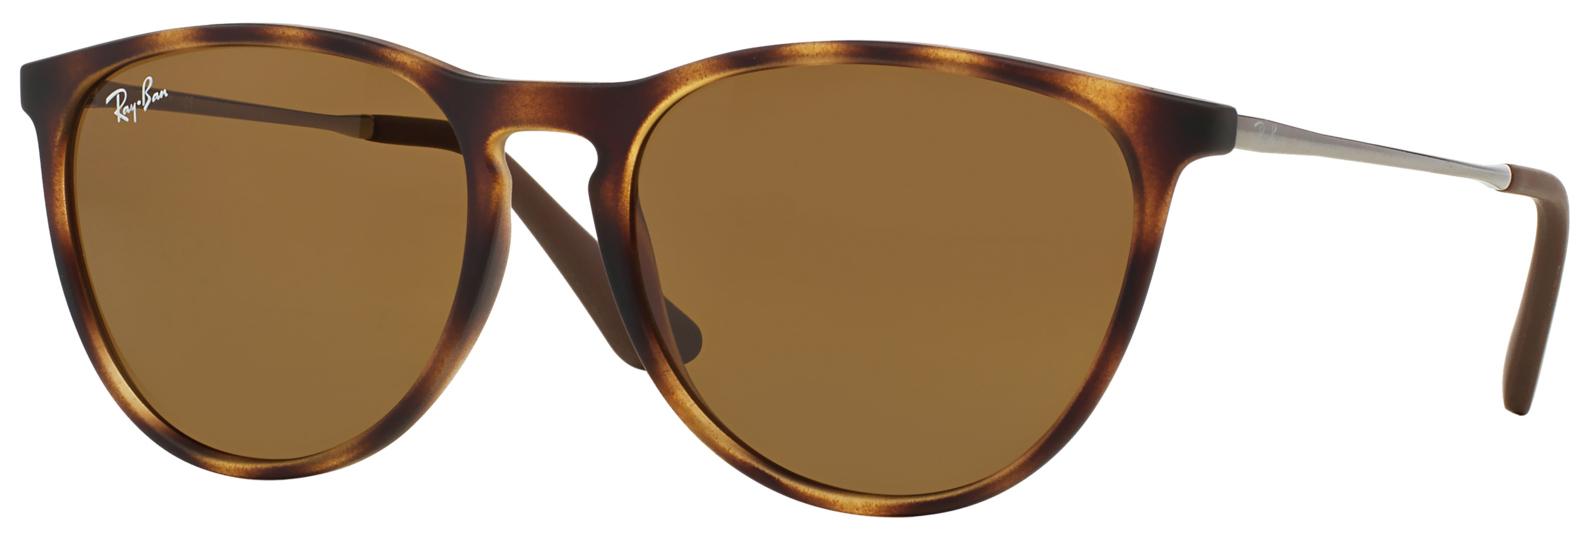 ab0c3606314 Eyewear for Kids - Brown Ray-Ban - Optiwow